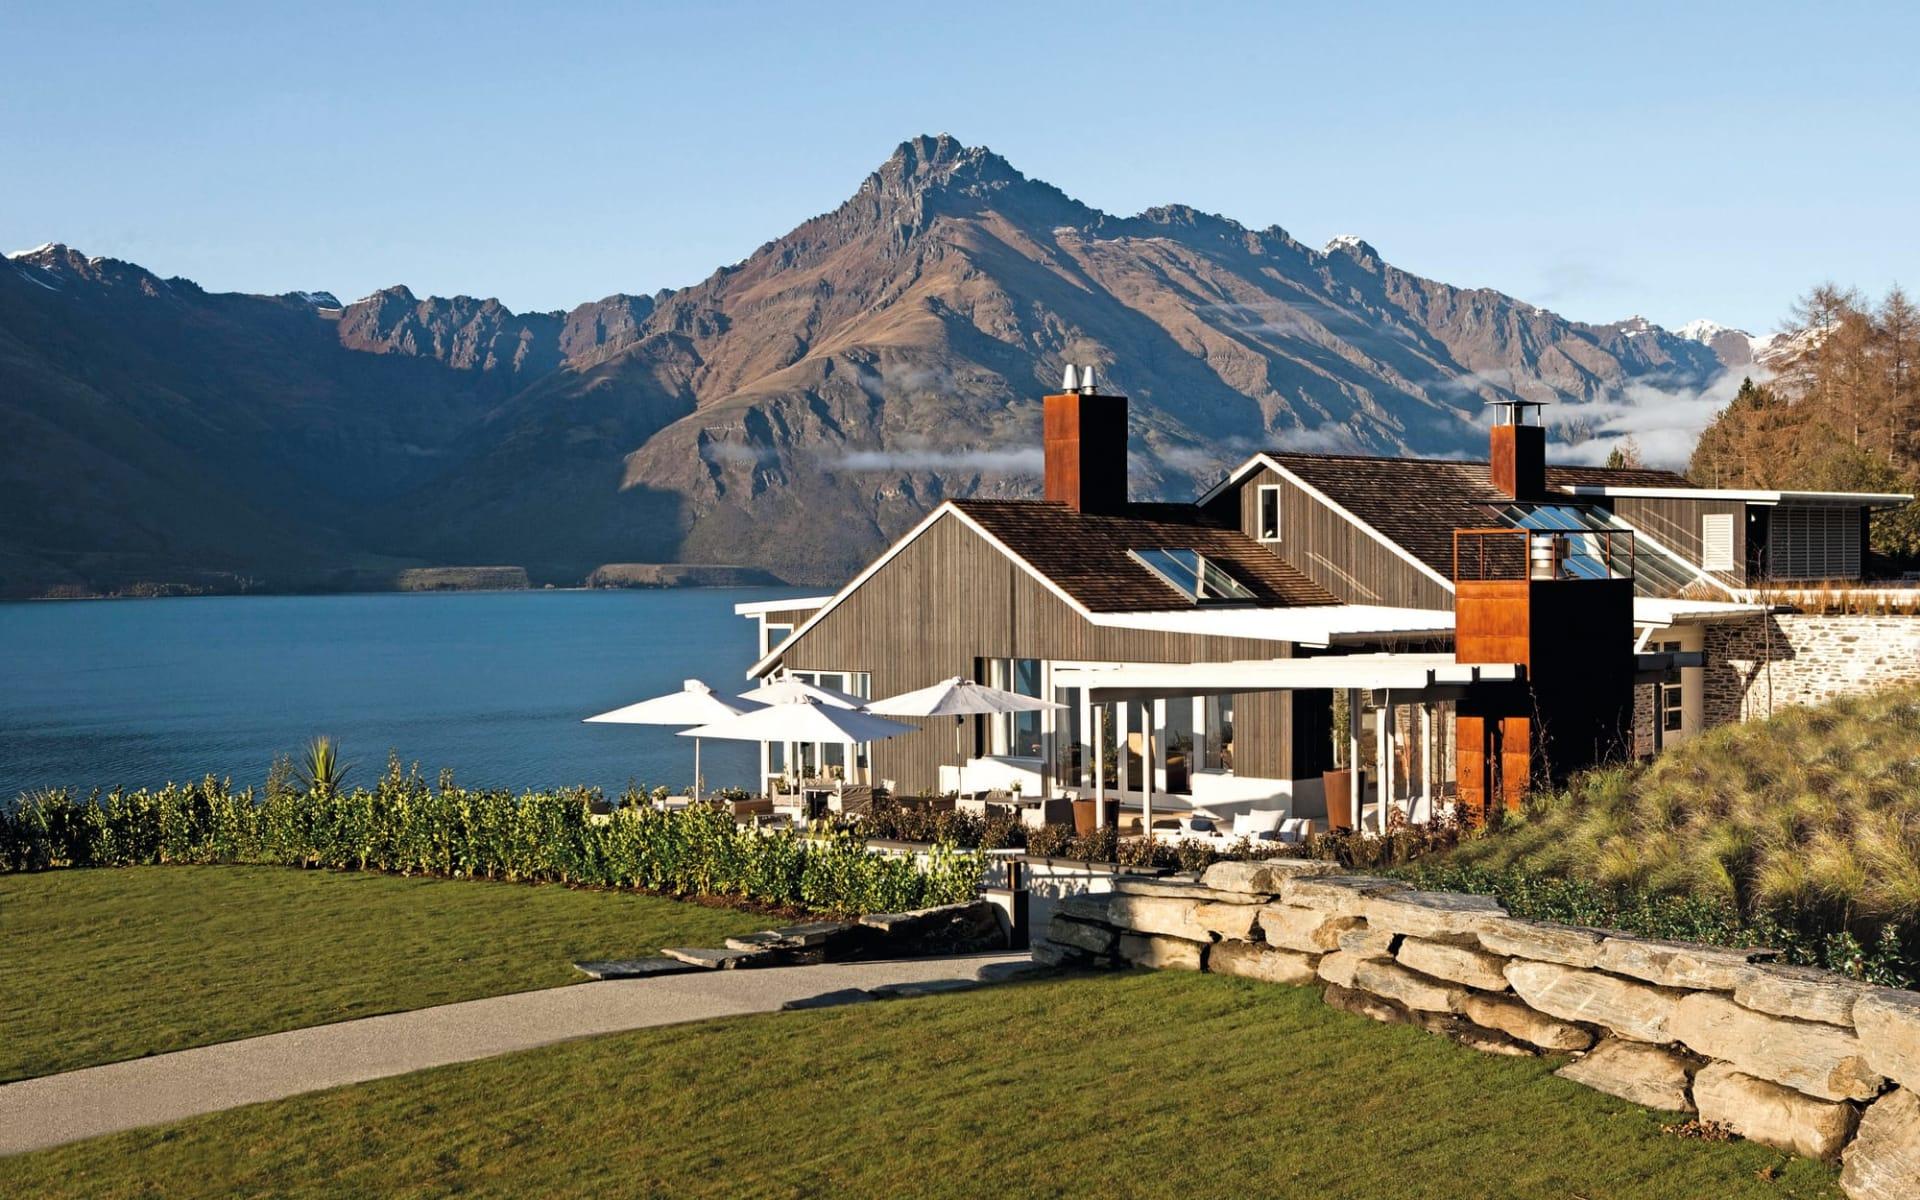 Matakauri Lodge in Queenstown:  Matakauri Lodge Queenstown Neuseeland  Blick auf Lodge mit Bergen im Hintergrund 2017